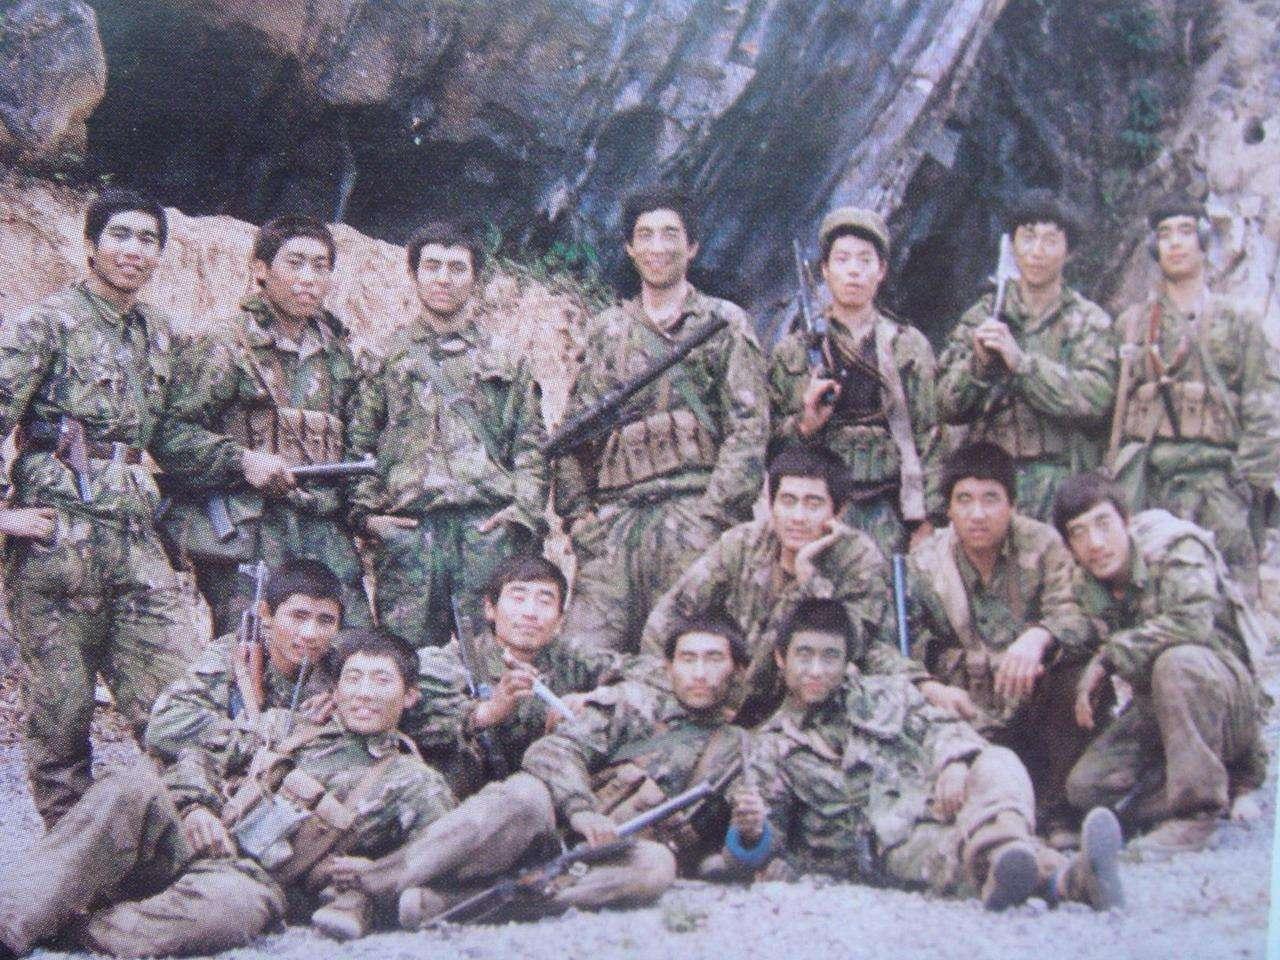 解放军14小时发射170万枚炮弹,让松毛岭变成越南的伤心岭